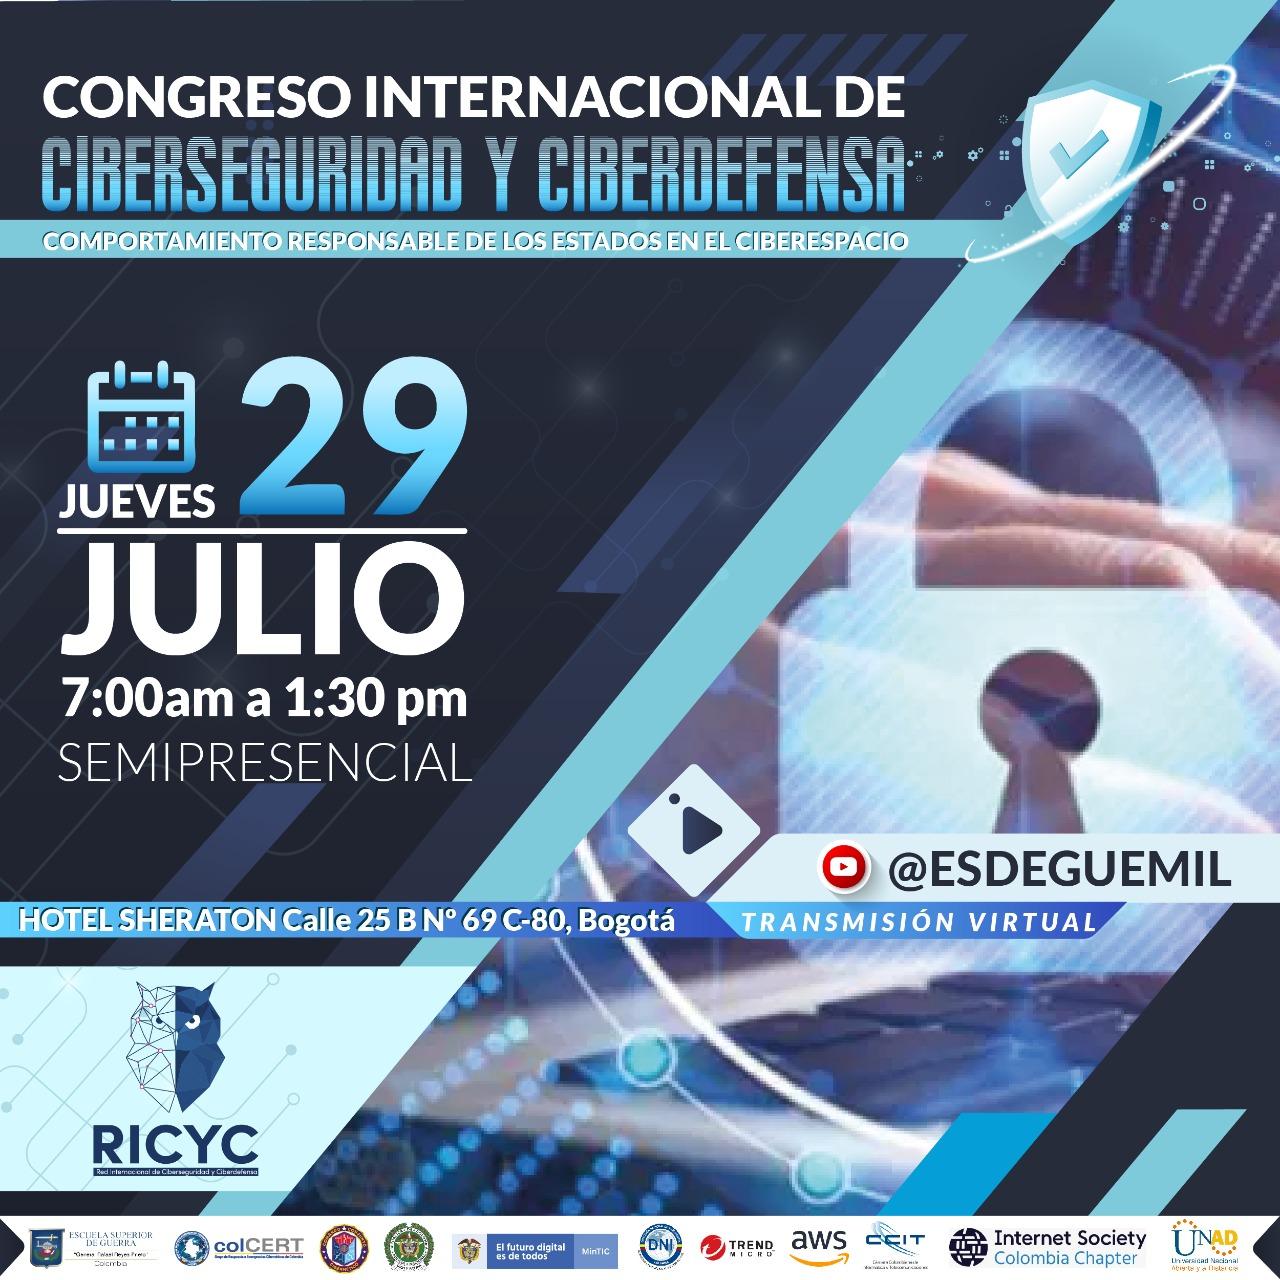 Imagen alusiva a Congreso Internacional de Ciberseguridad y Ciberdefensa